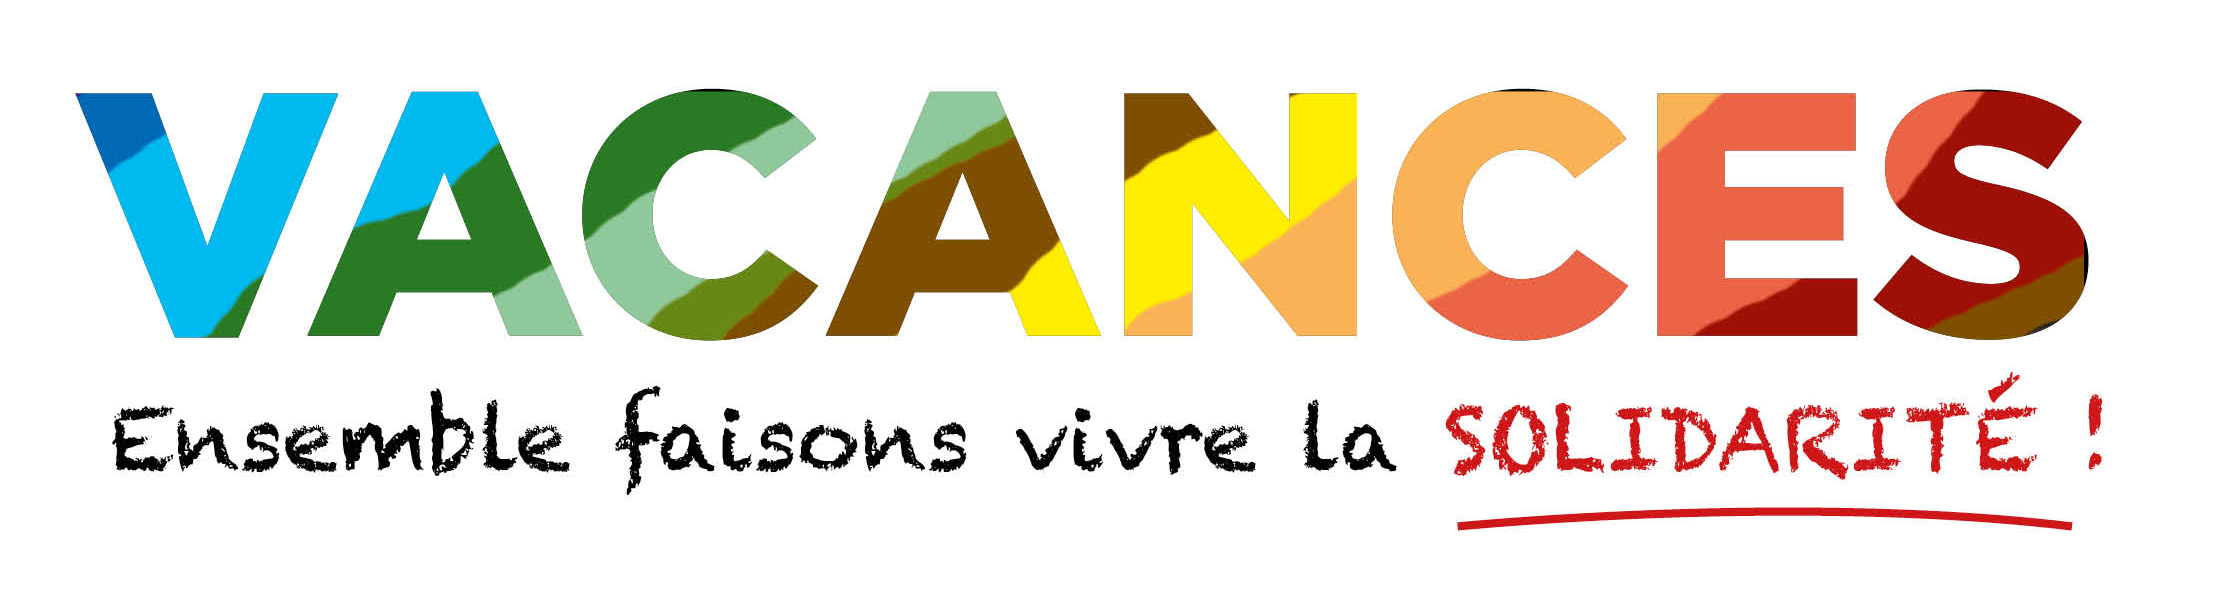 Vacances - Ensemble faisons vivre la solidarité !